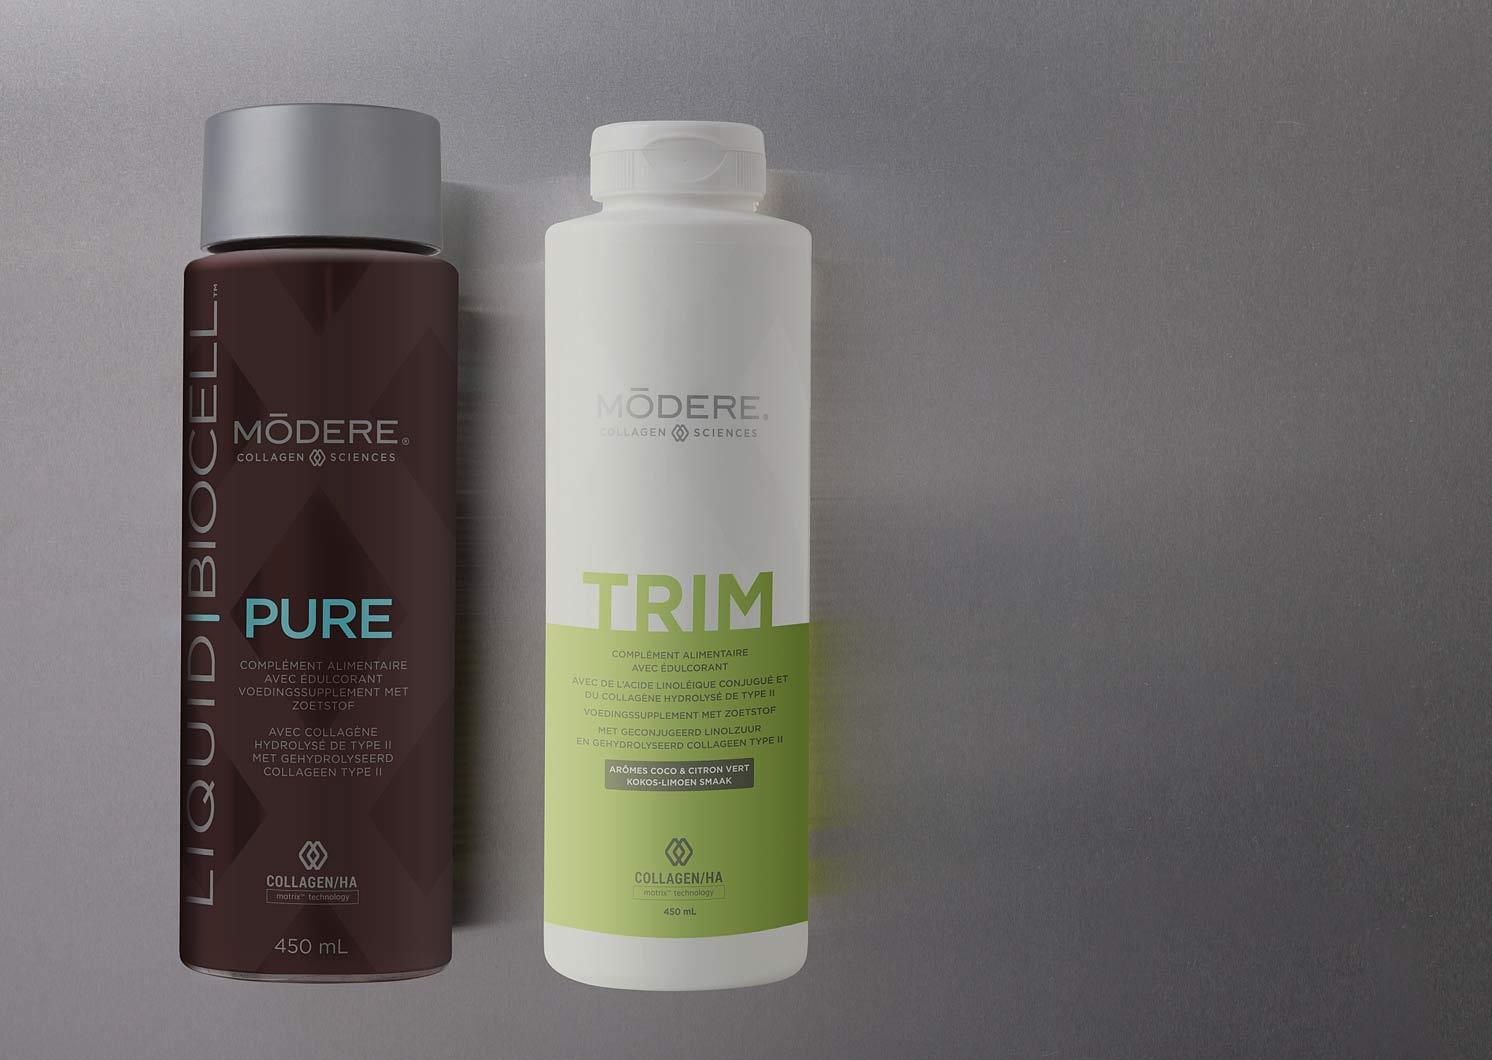 Biocell Pure et Trim Modere